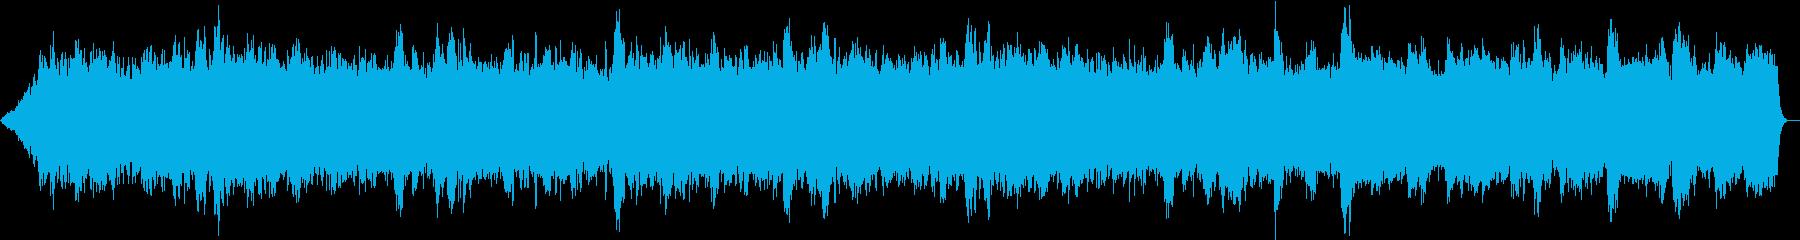 ストリングスシンセによる大迫力の大自然の再生済みの波形